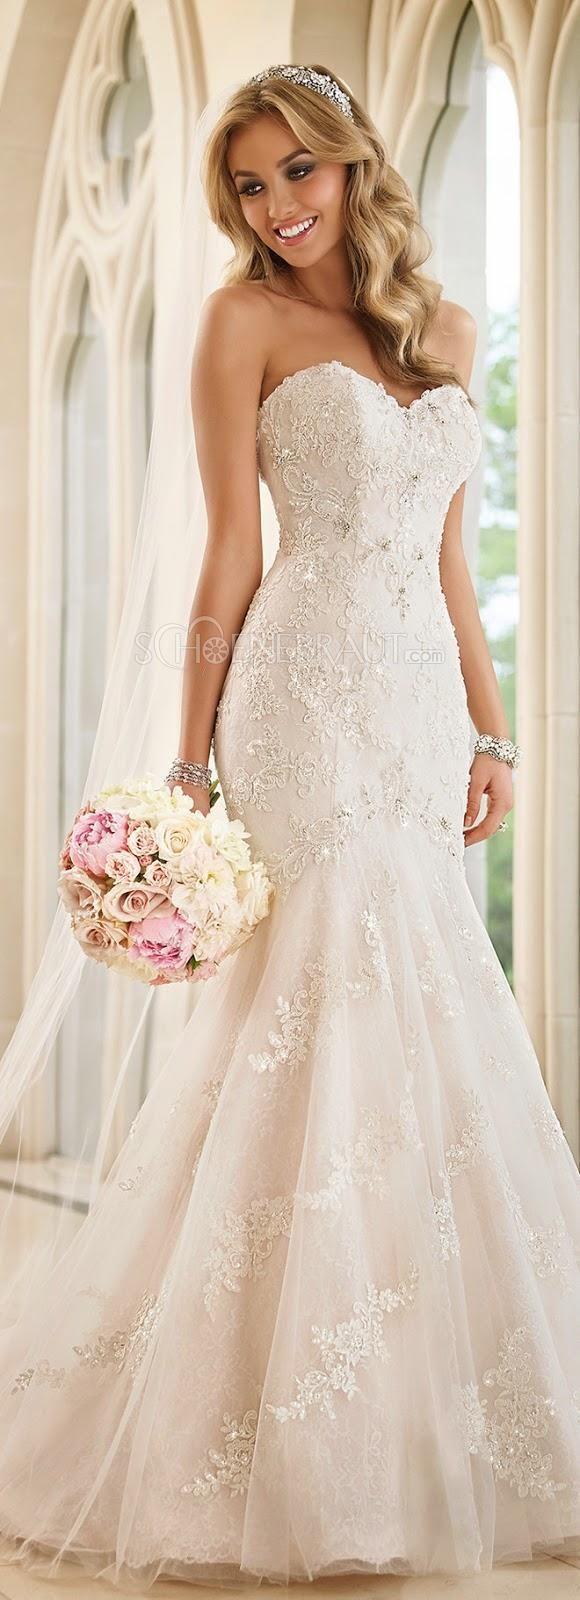 59 besten Brautkleider Bilder auf Pinterest